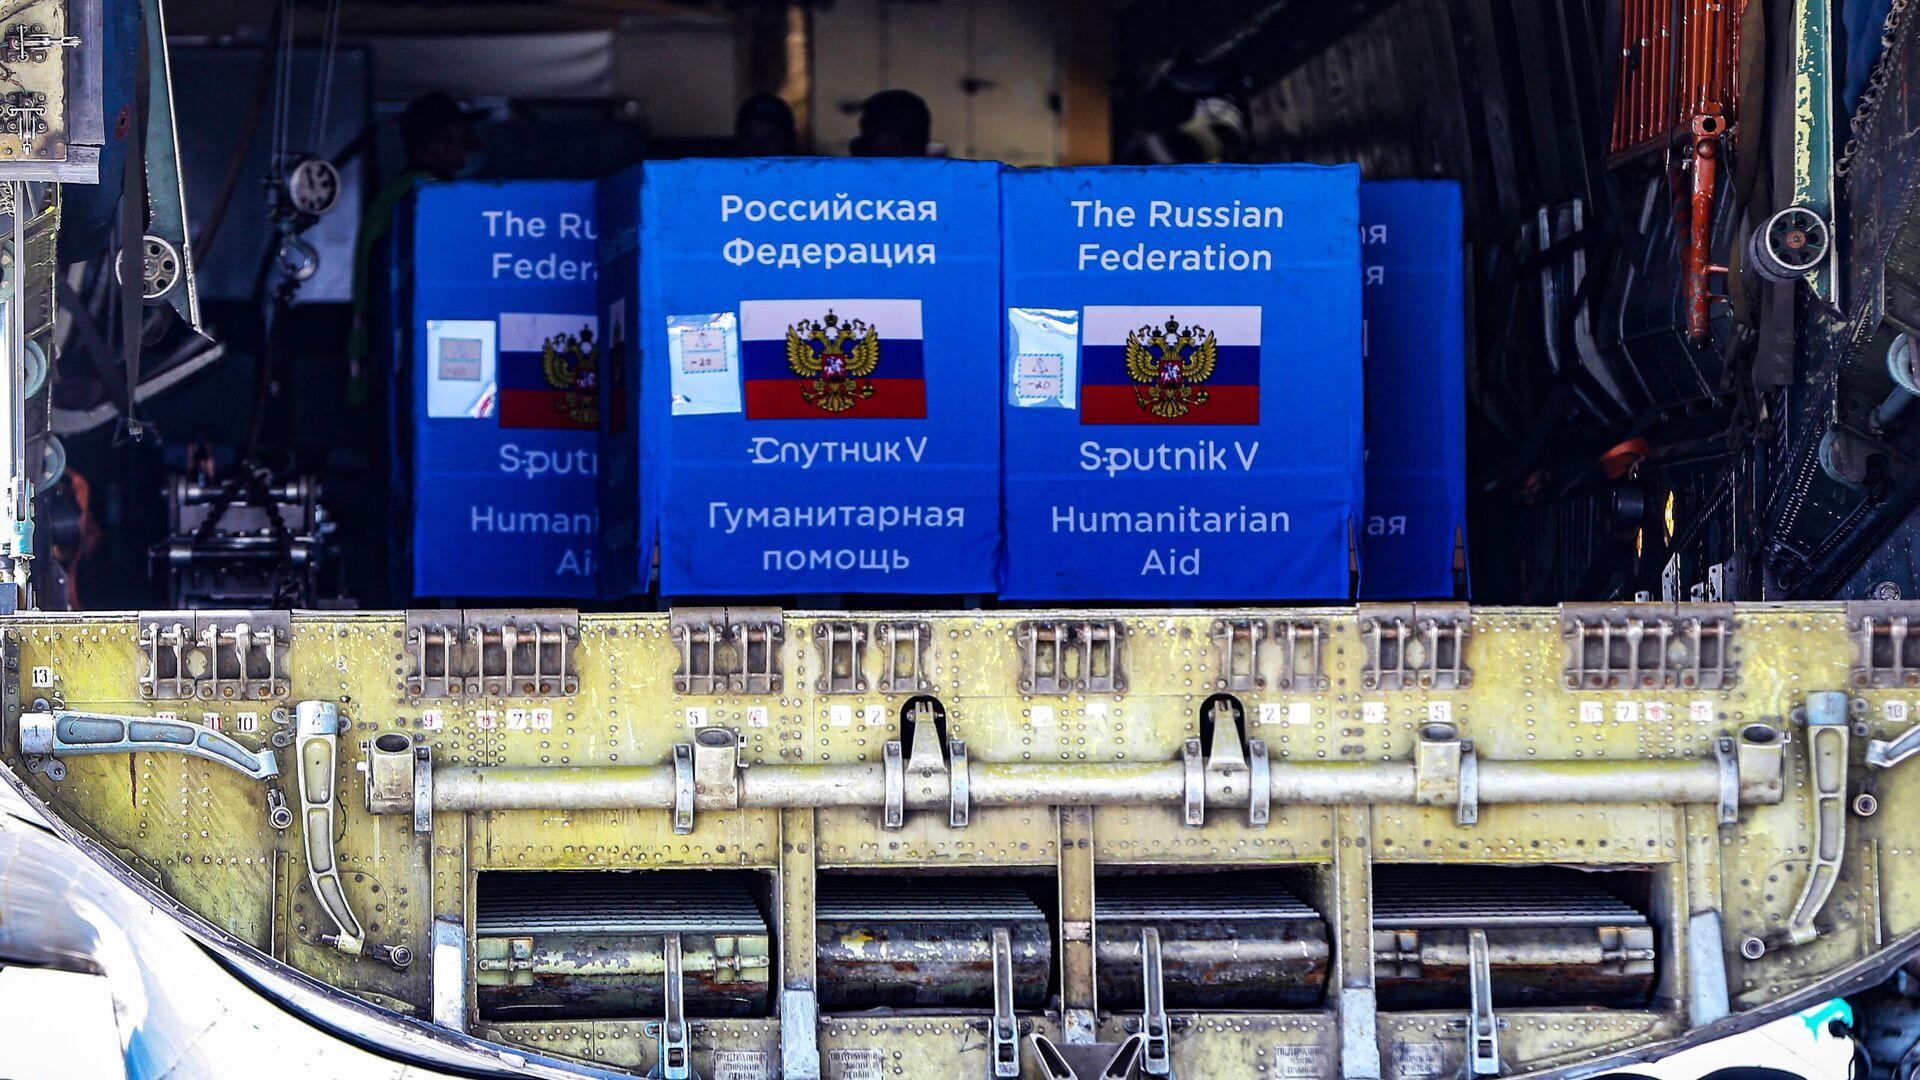 Партия вакцины Sputnik V в аэропорту Кишинева - РИА Новости, 1920, 04.08.2021